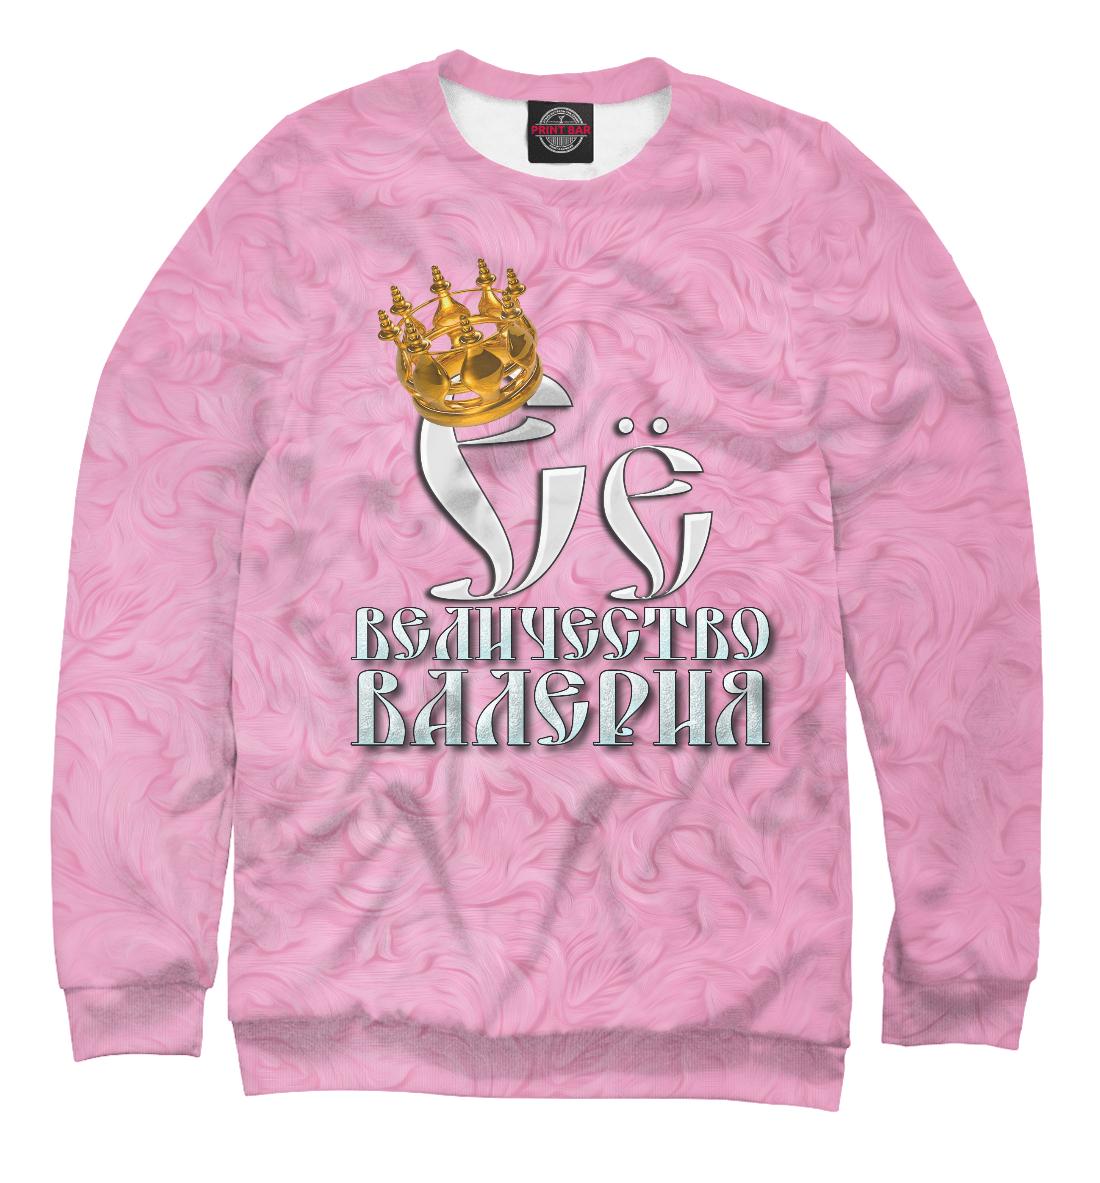 Купить Её величество Валерия, Printbar, Свитшоты, VAL-313464-swi